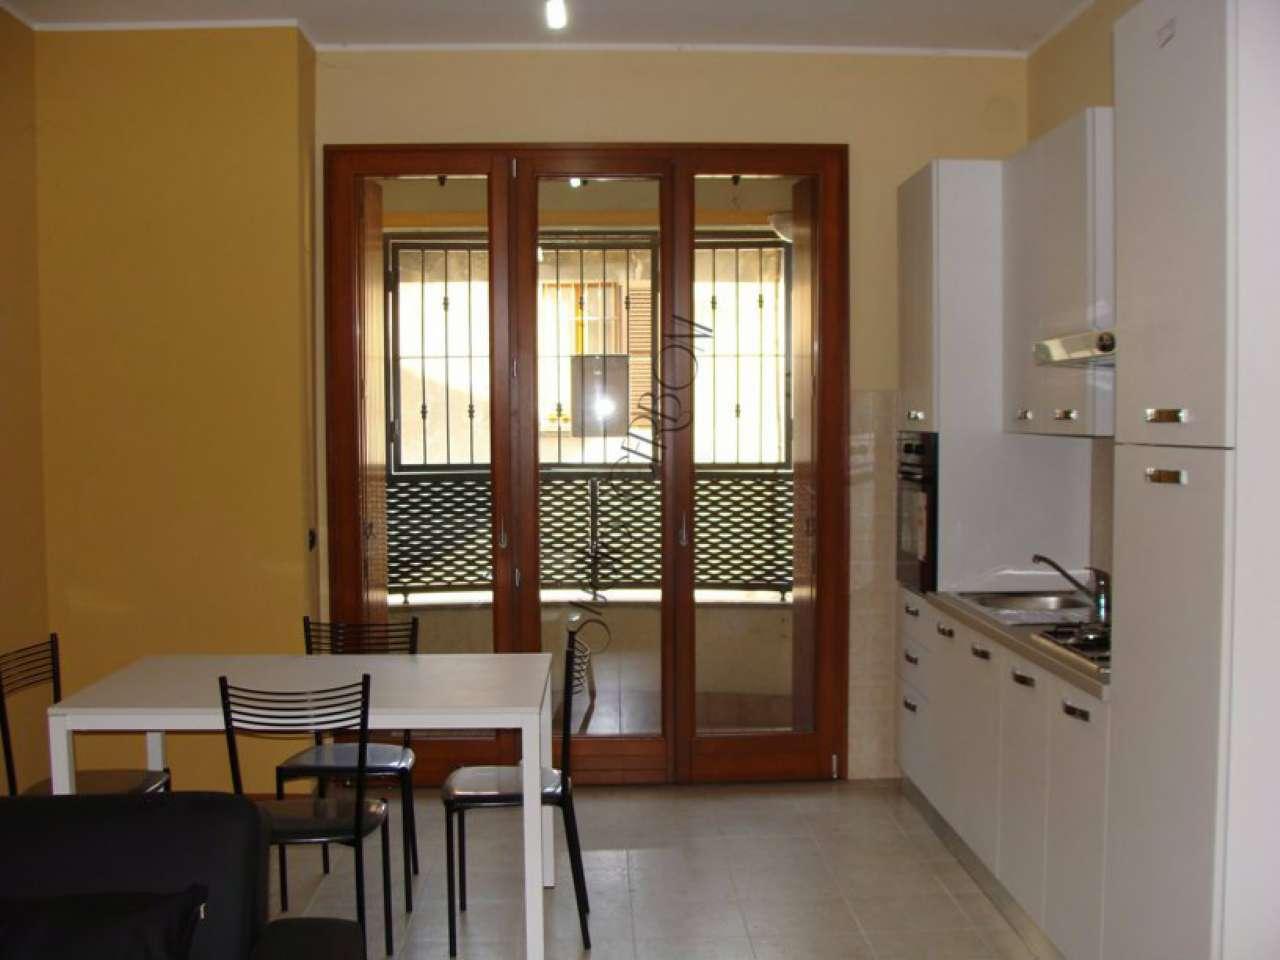 Appartamento in vendita a Inzago, 2 locali, prezzo € 125.000 | Cambio Casa.it